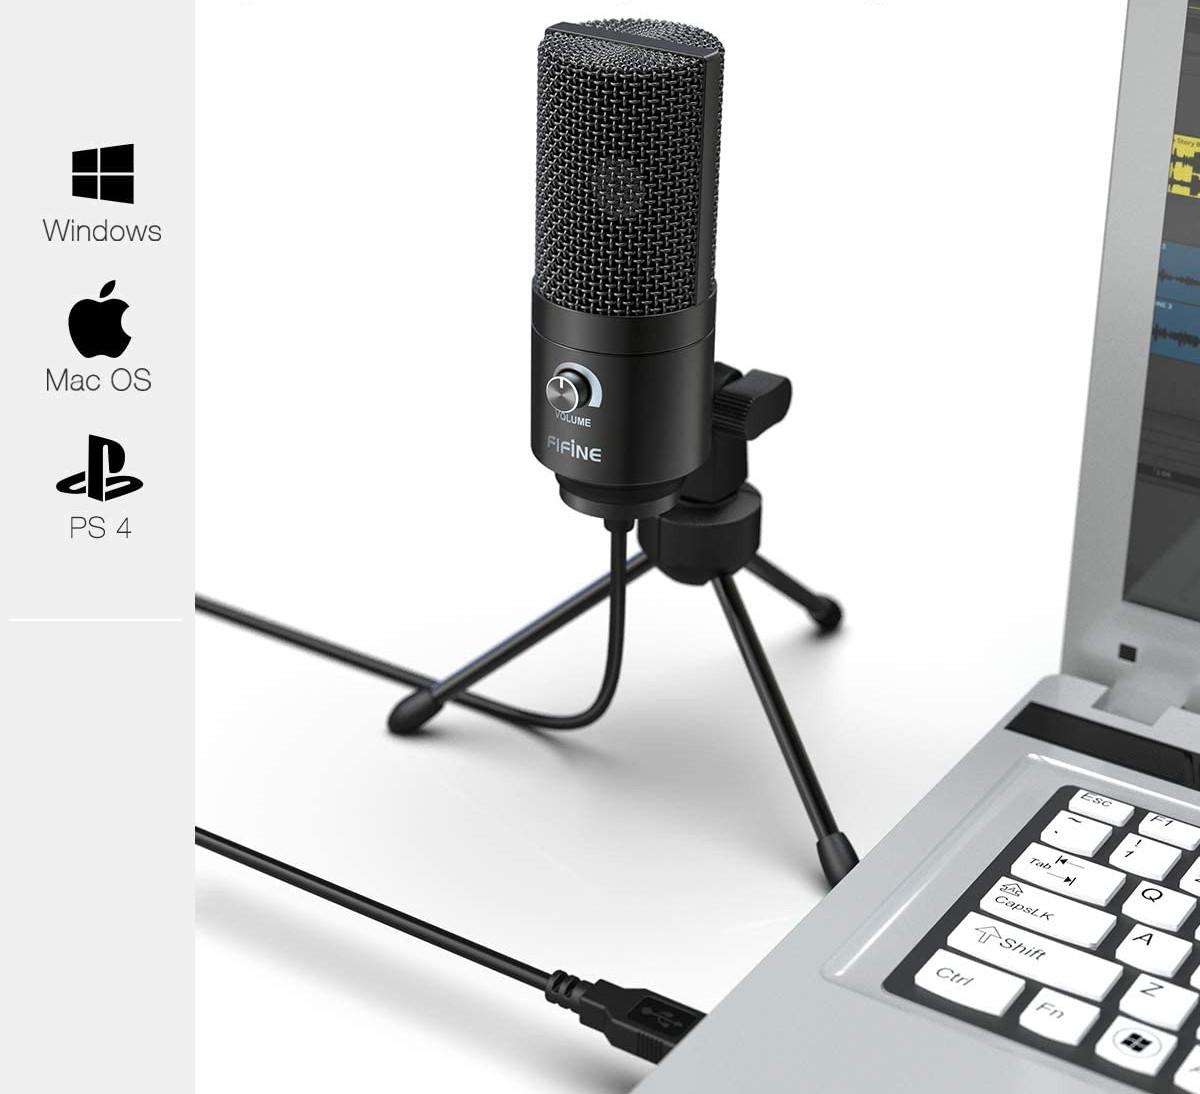 изображение совместимости с Windows, PlayStation и Mac